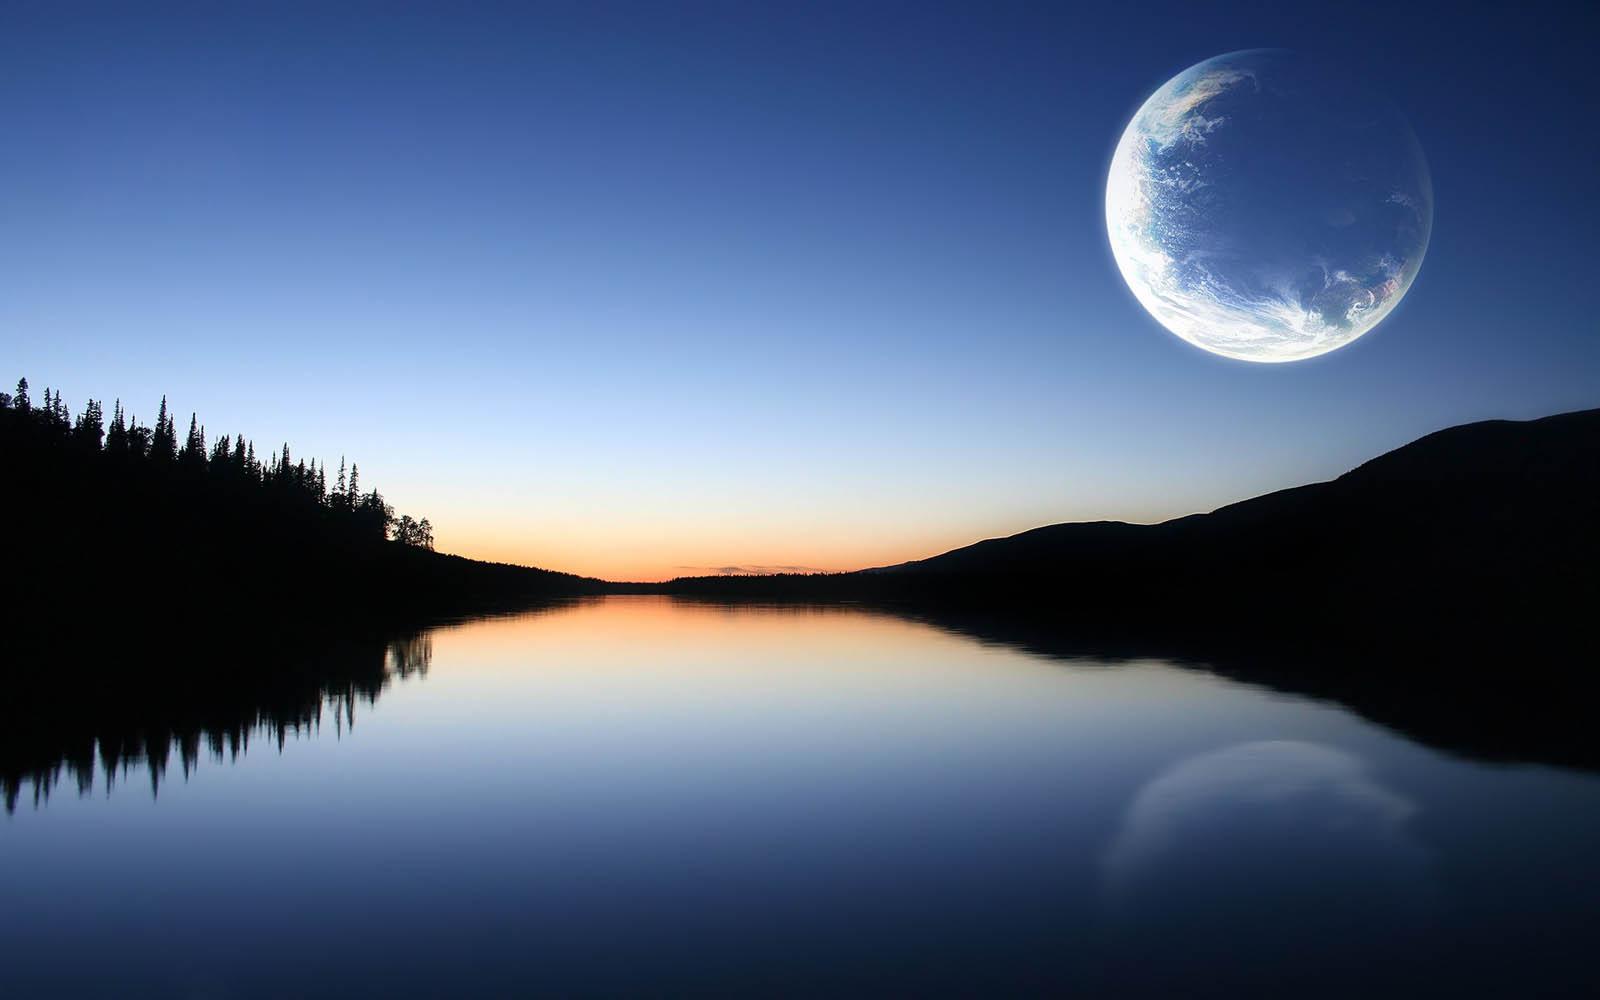 Moonlight Pc